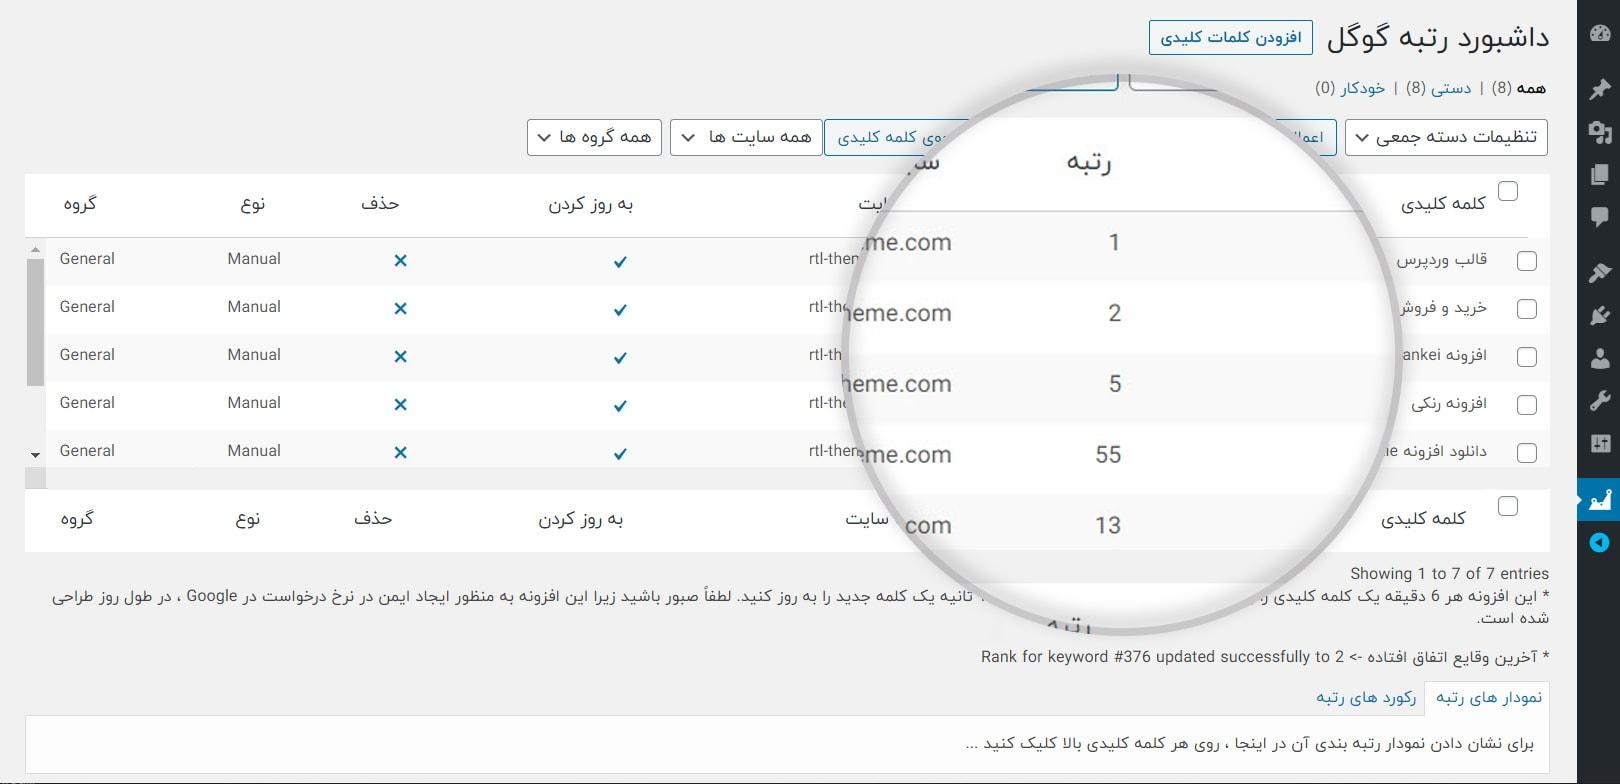 داشبورد افزونه WP Rankie، پلاگین ردیابی رتبه سایت در گوگل رنکی